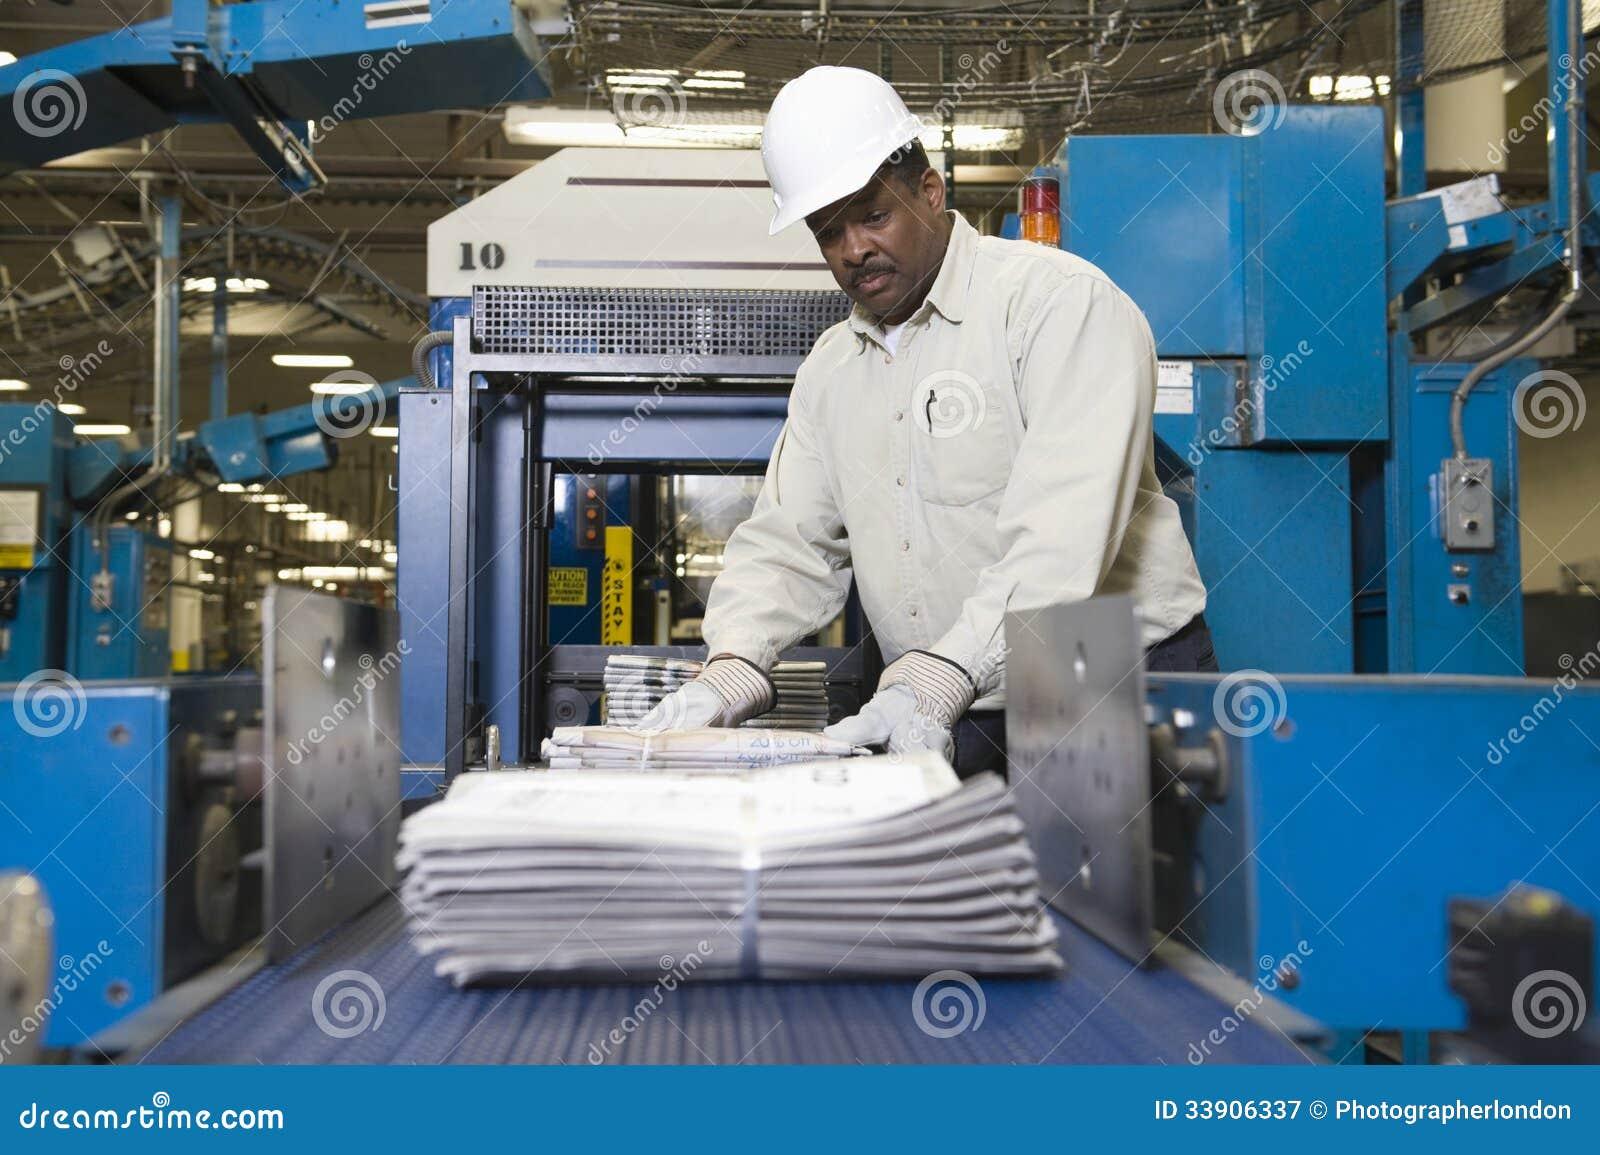 Άτομο που εργάζεται στη γραμμή παραγωγής εφημερίδων